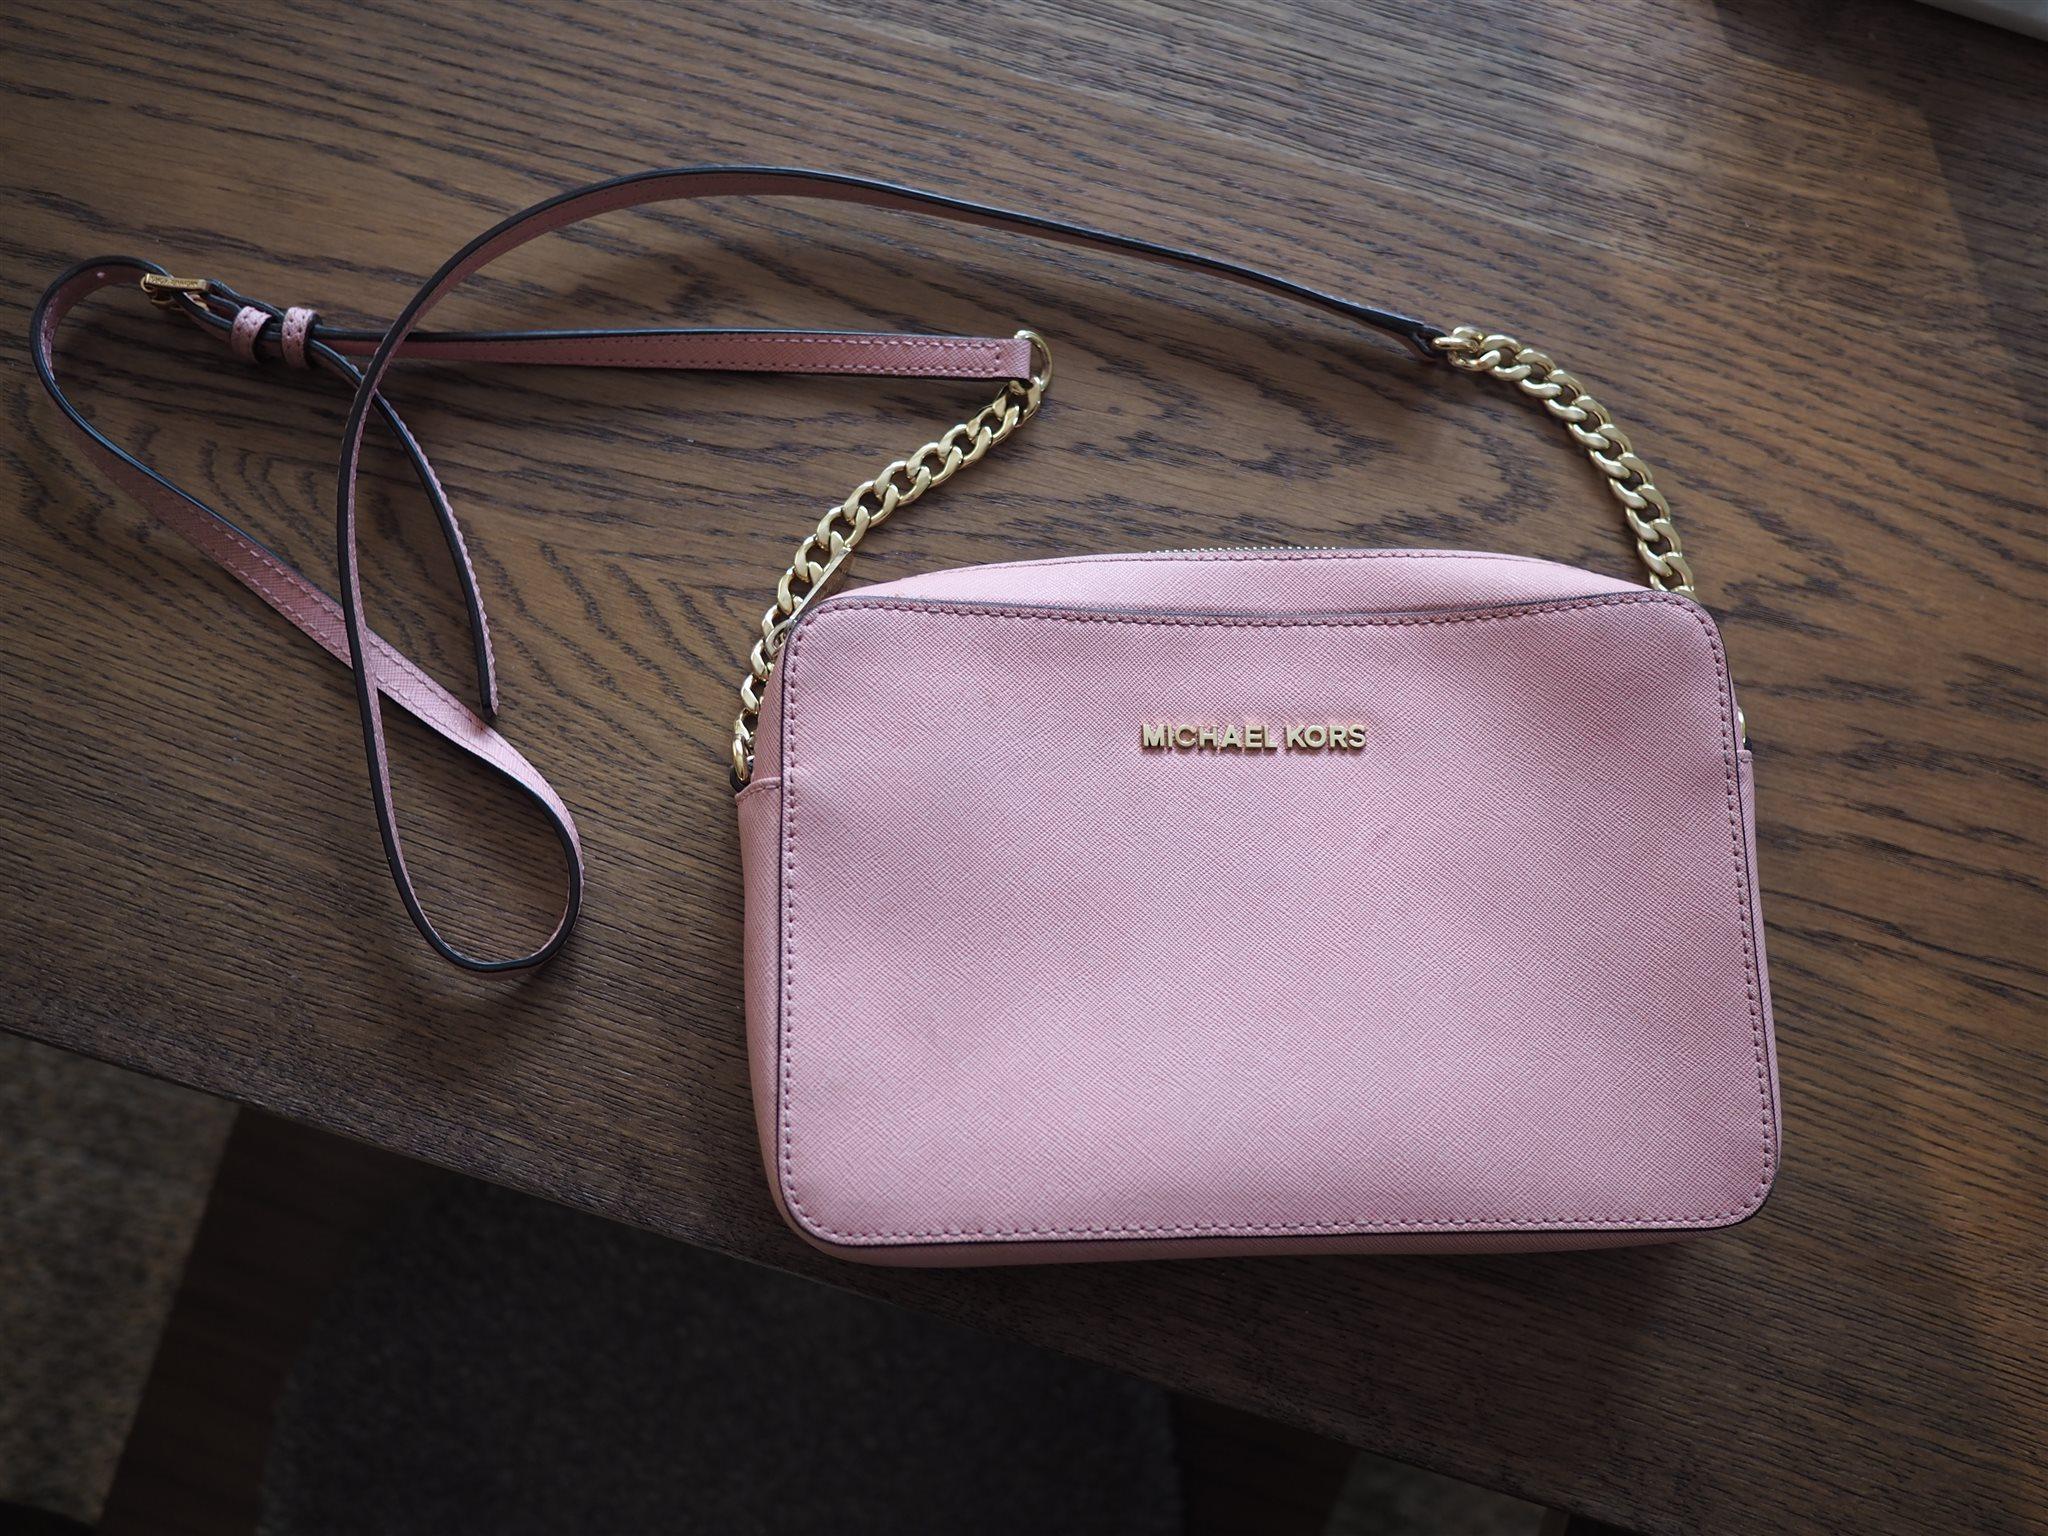 michael kors väska rosa